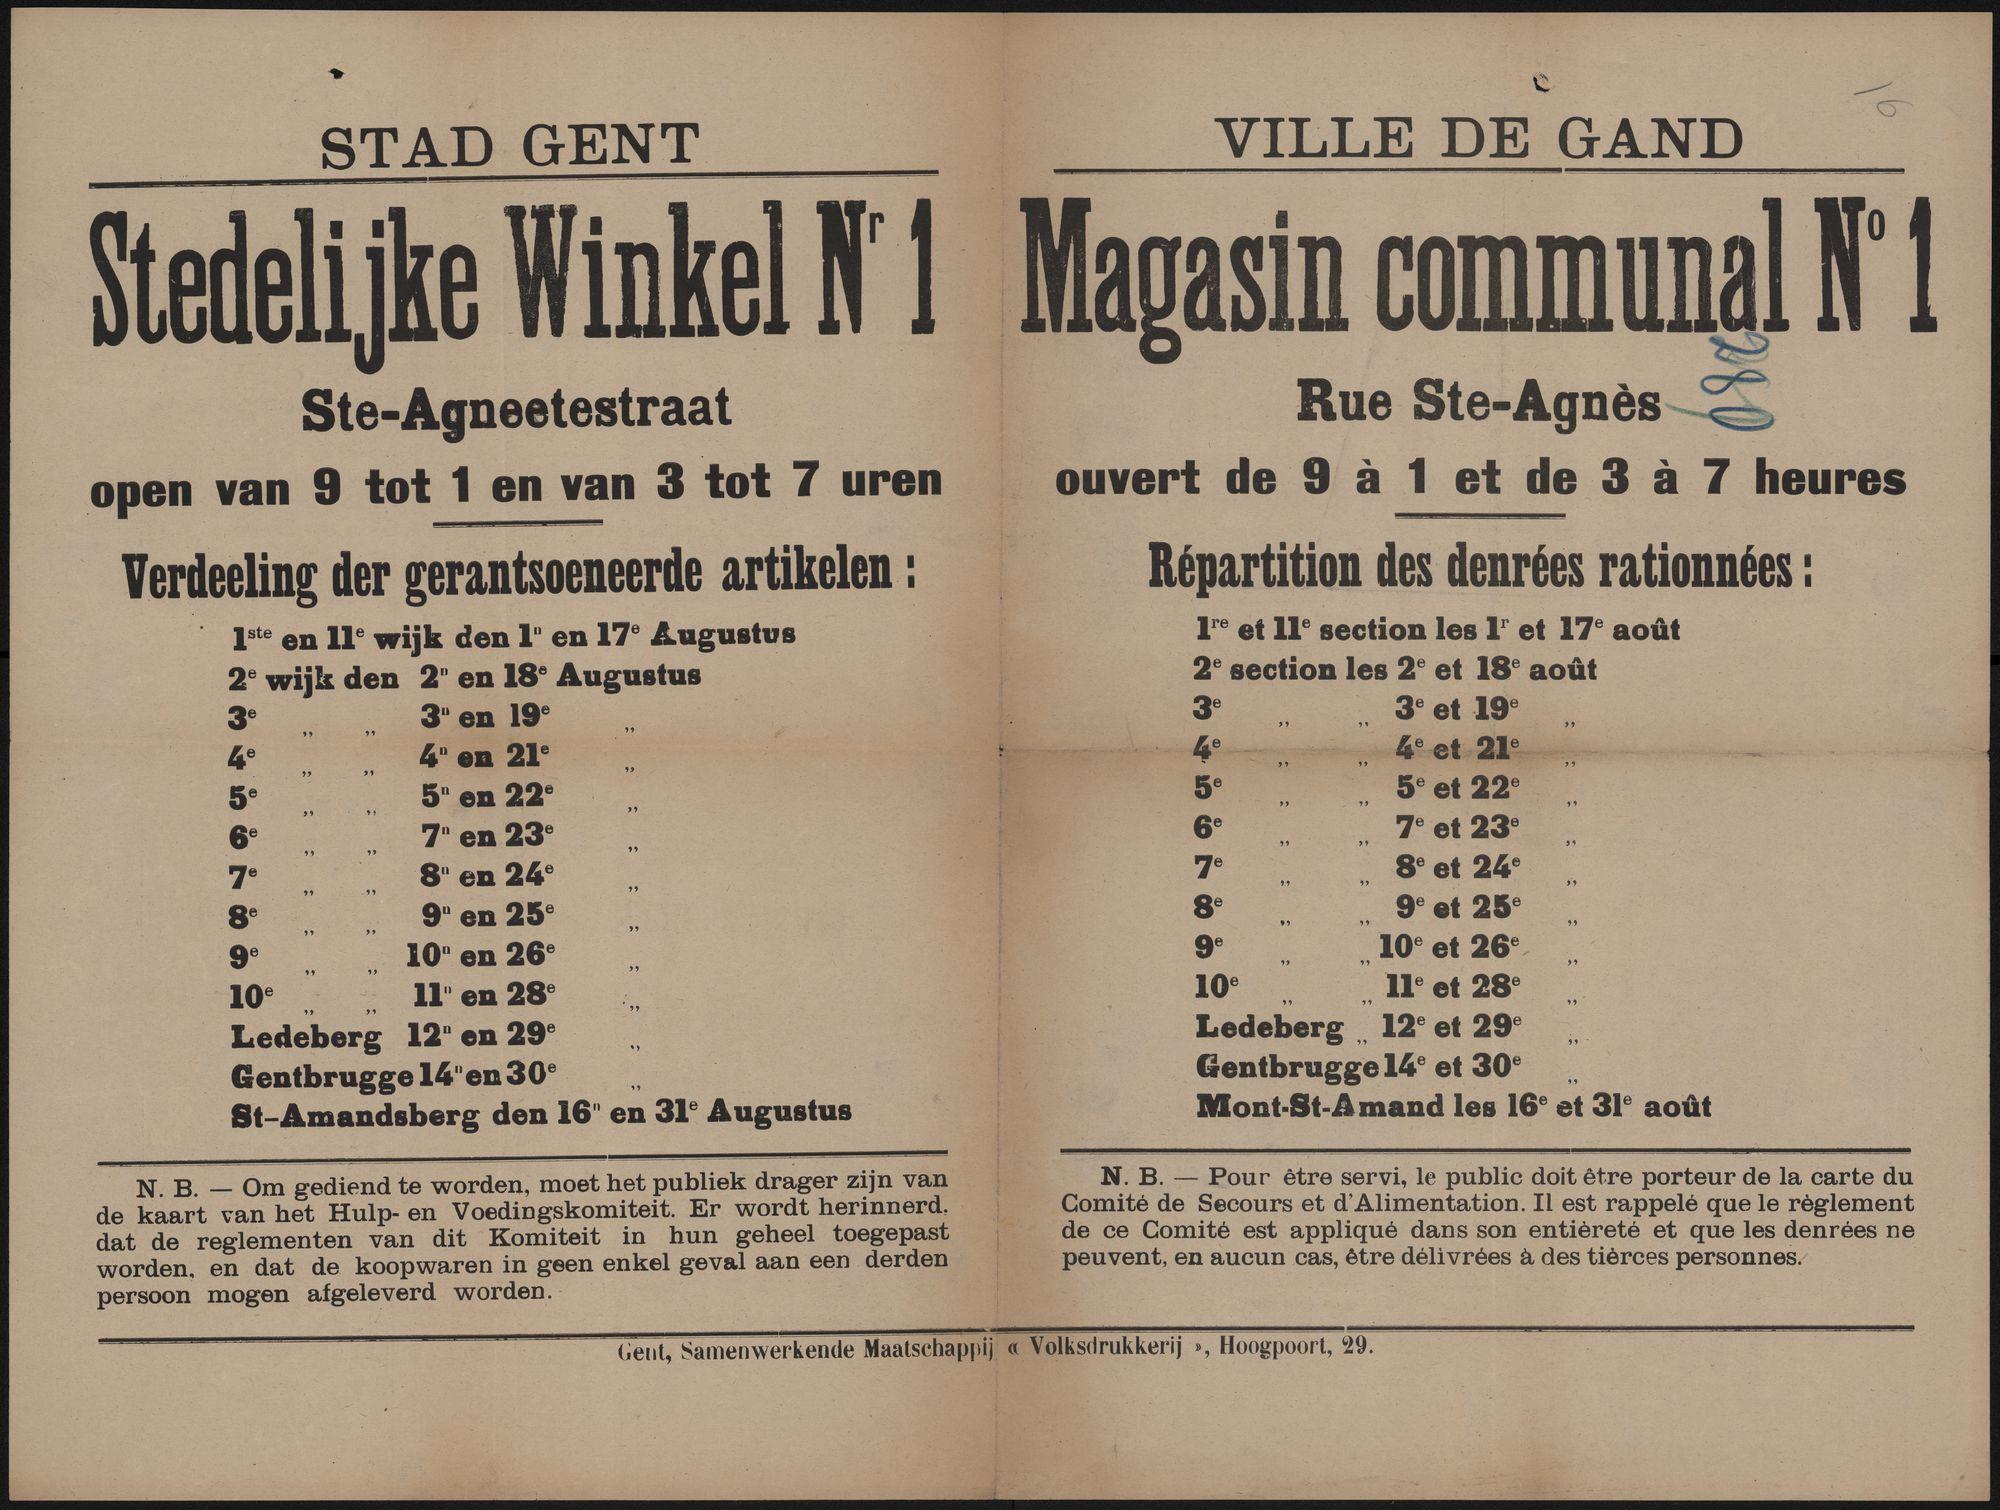 Stad Gent, Stedelijke Winkel Nr 1 Ste-Agneetestraat open van 9 tot 1 en van 3 tot 7 uren | Ville de Gand, Magasin communal N° 1 Rue Ste-Agnès ouvert de 9 à 1 et de 3 à 7 heures.